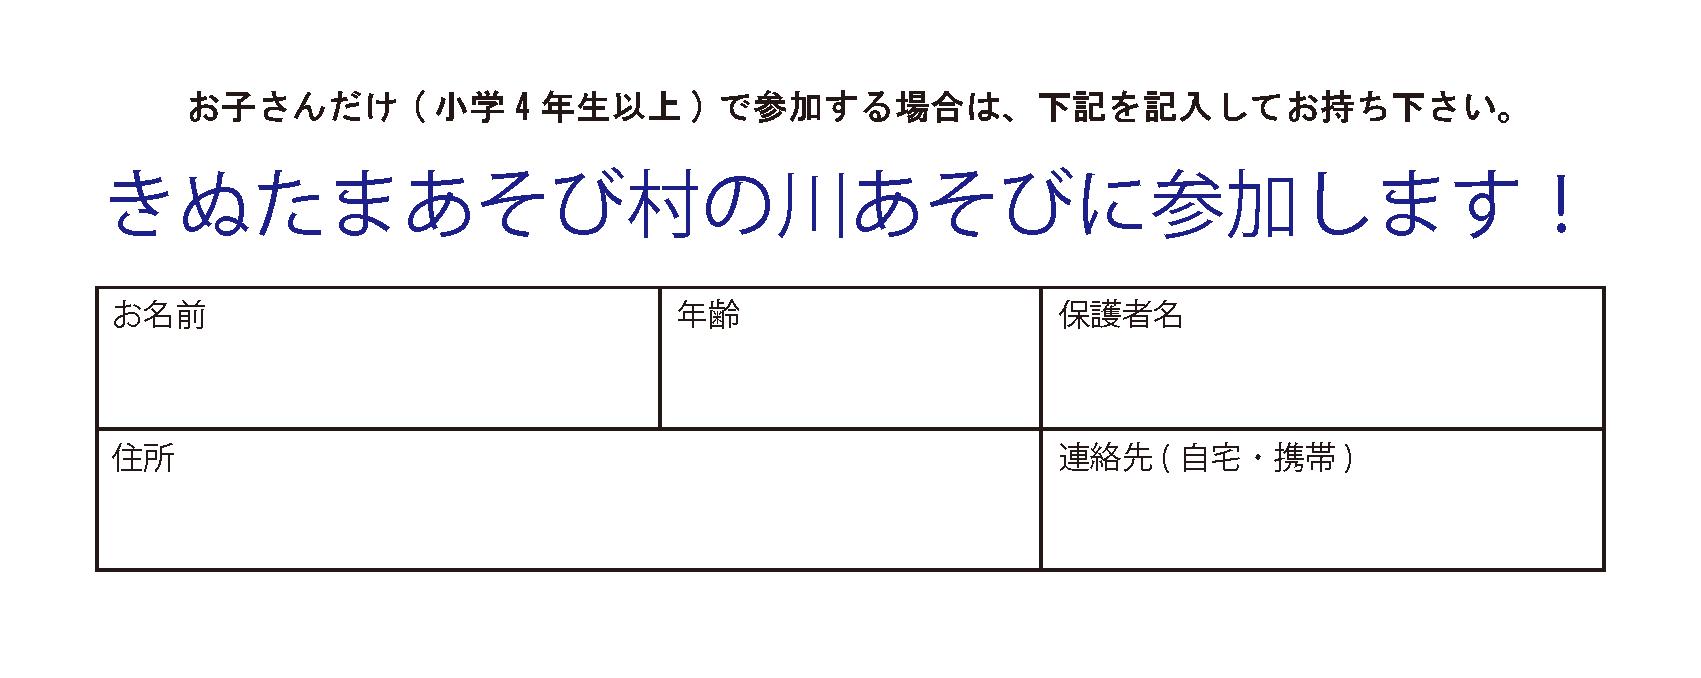 【8月24日(土)川あそび】兵庫島野川で開催予定です_c0120851_09312709.png